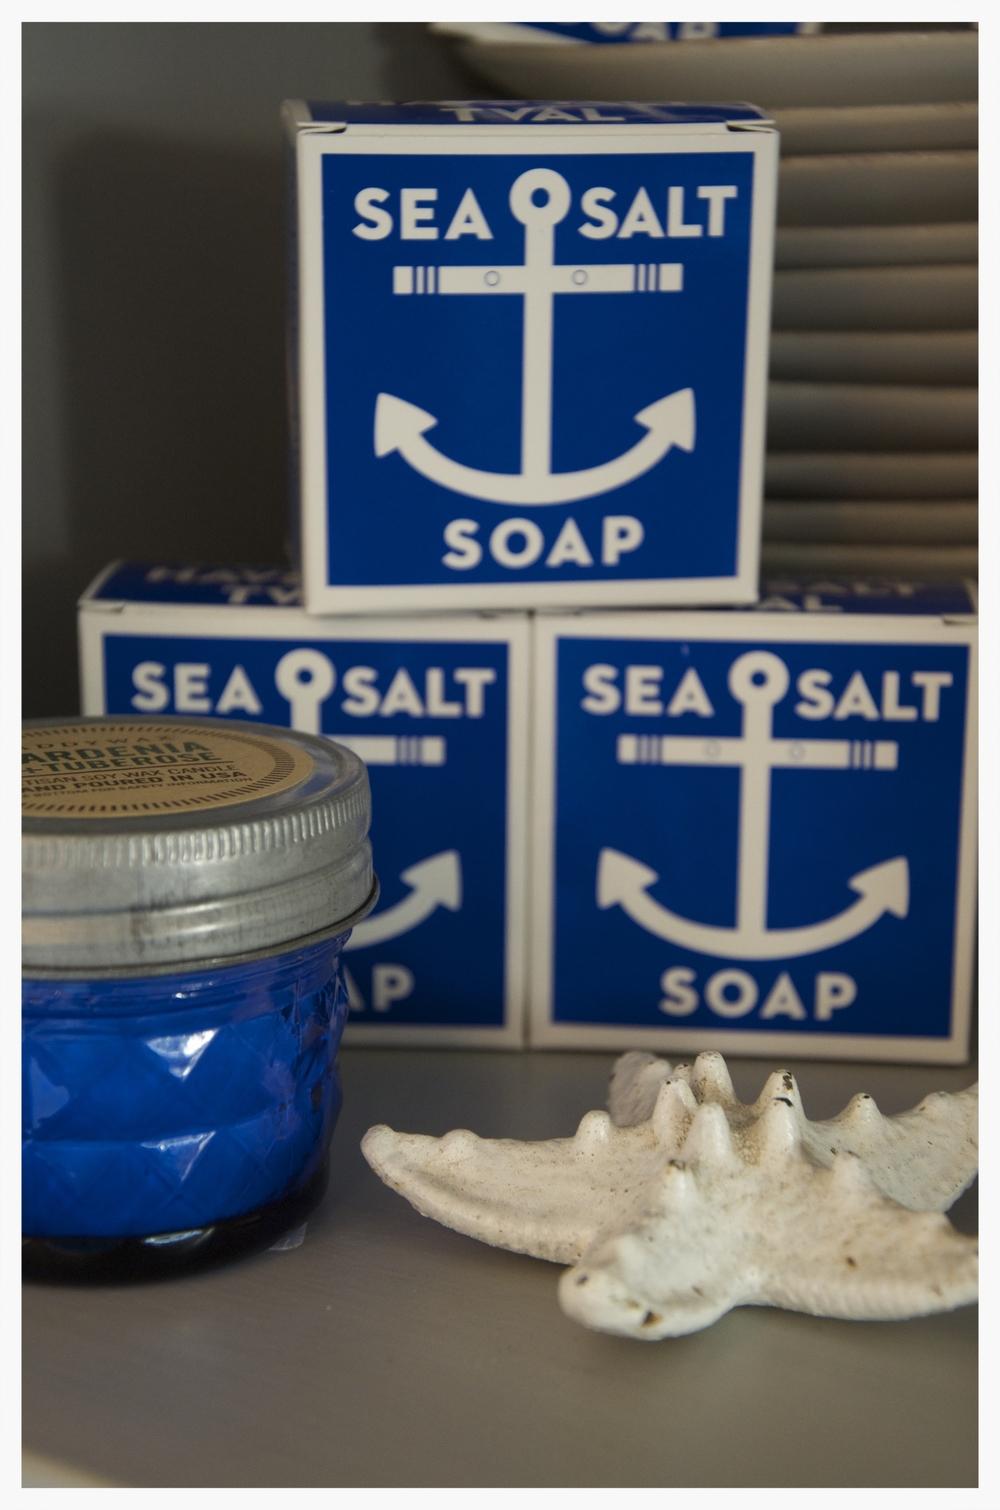 KALA STYLE SOAPS